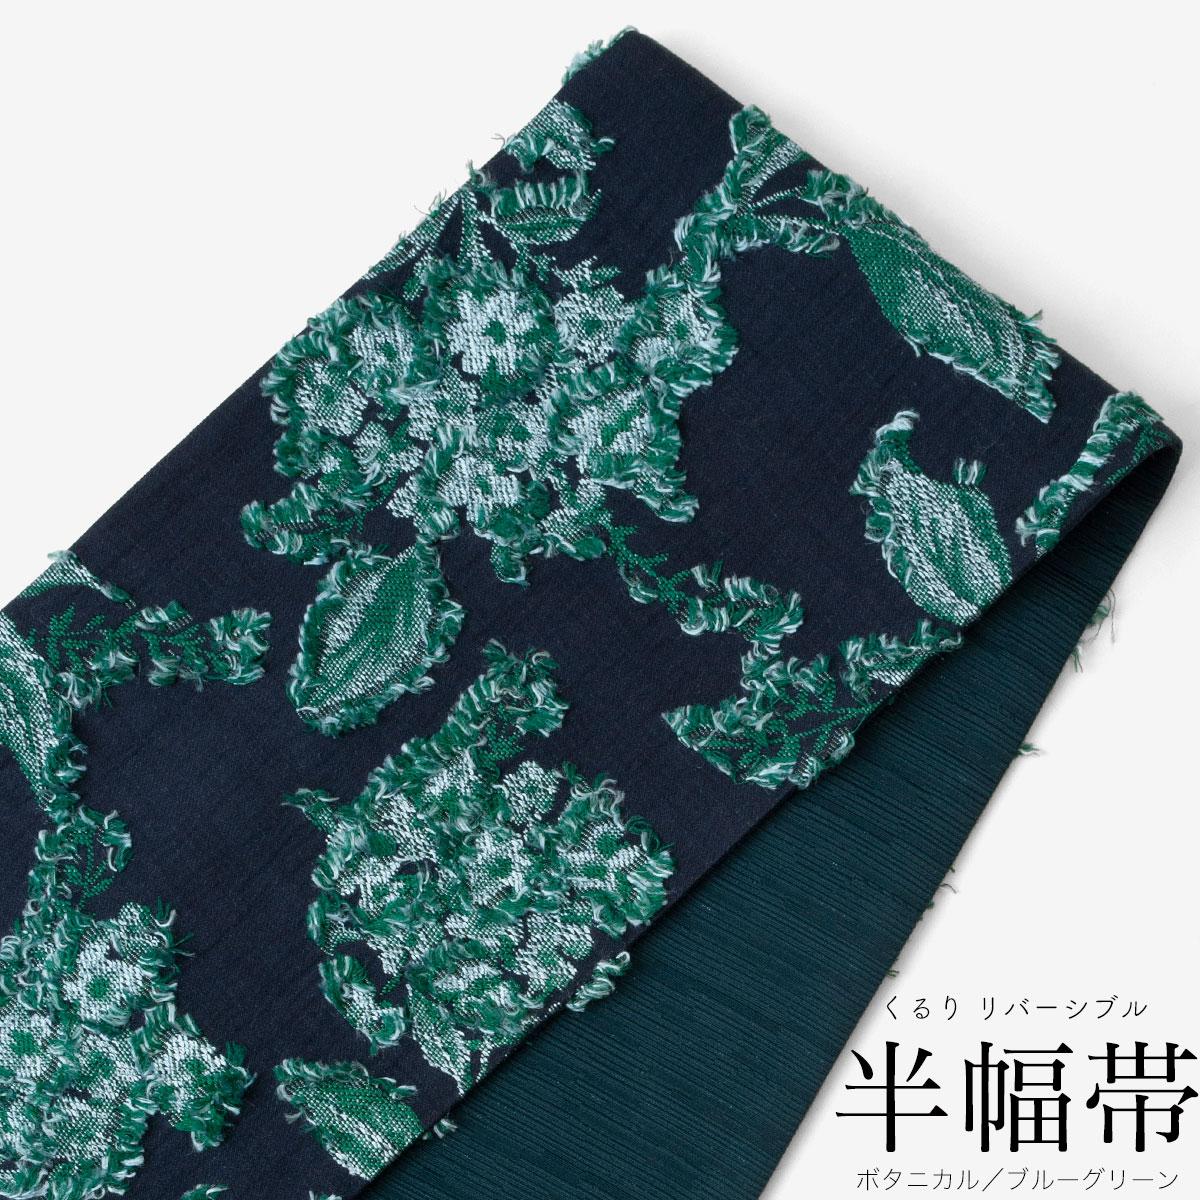 着物屋 くるり リバーシブル 半幅帯 ボタニカル ブルーグリーン